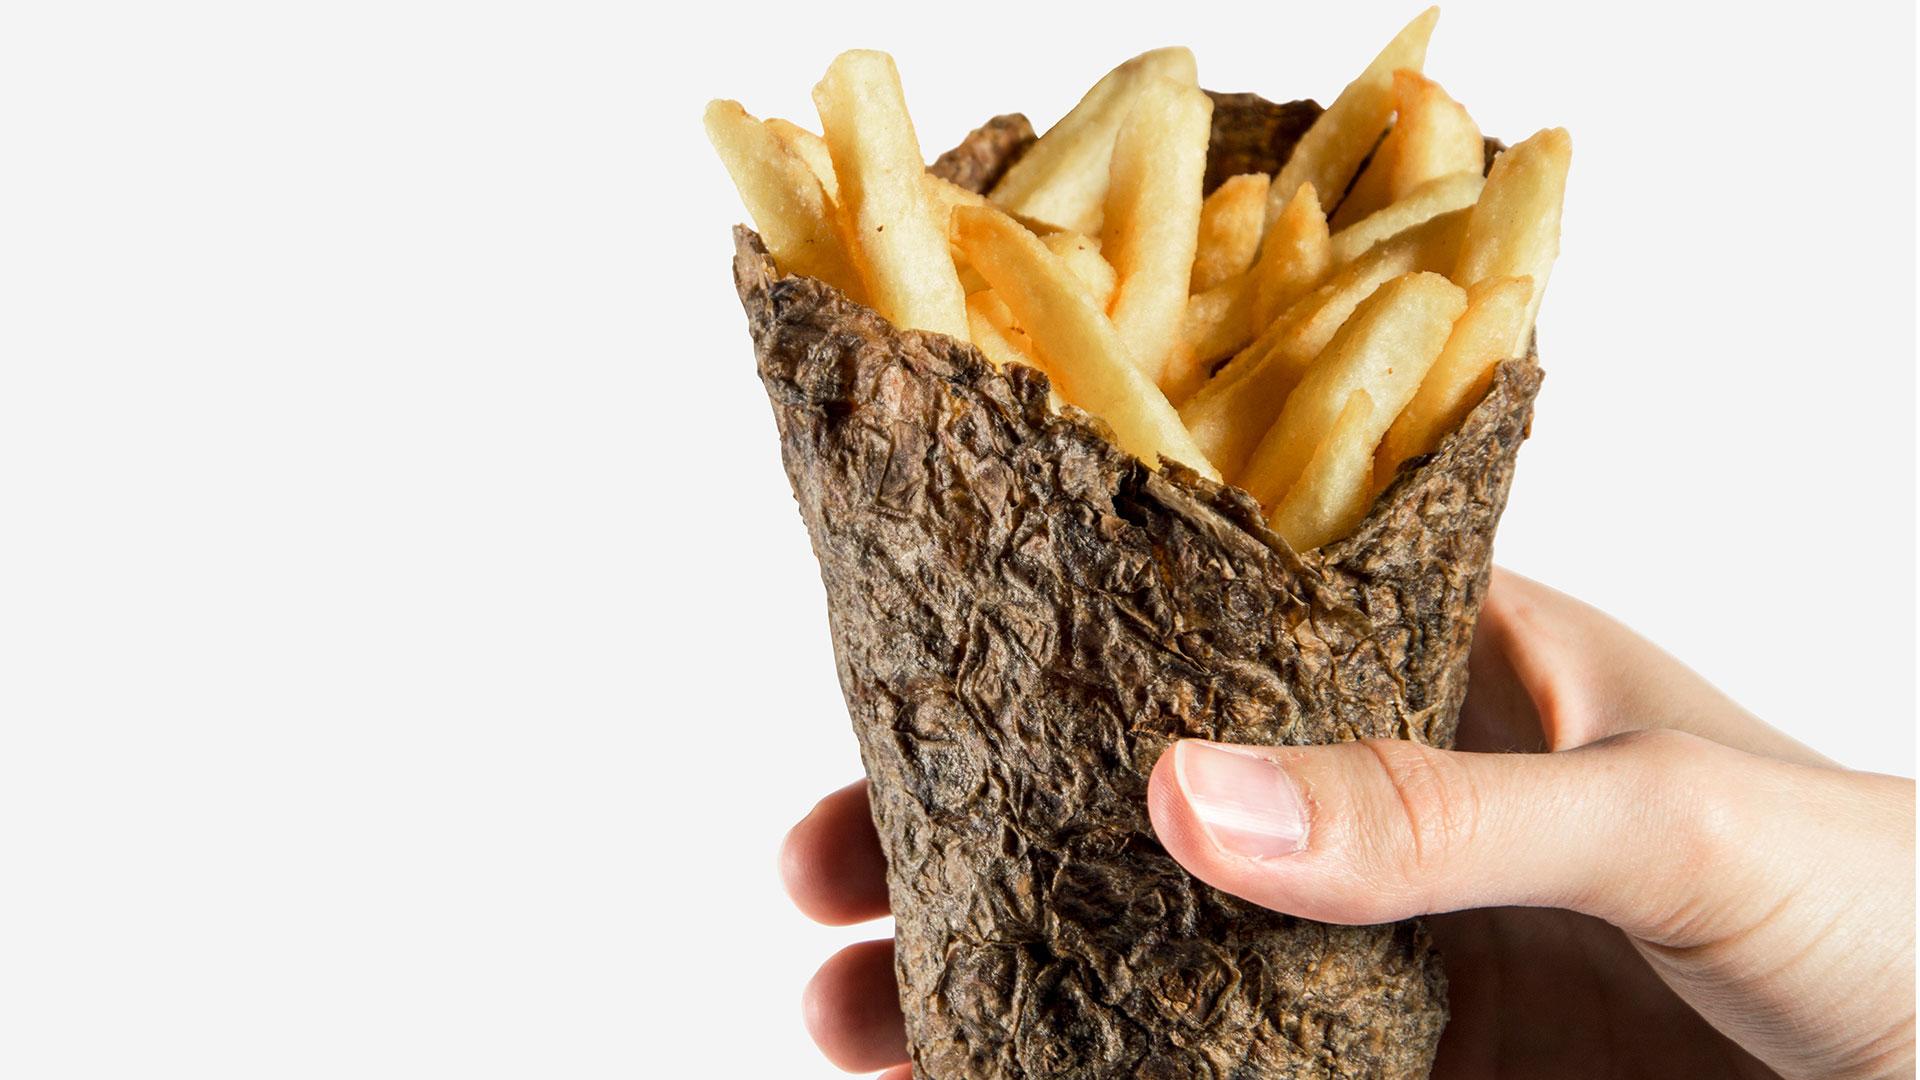 Peel Saver è il packaging made in Italy realizzato con le bucce di patate